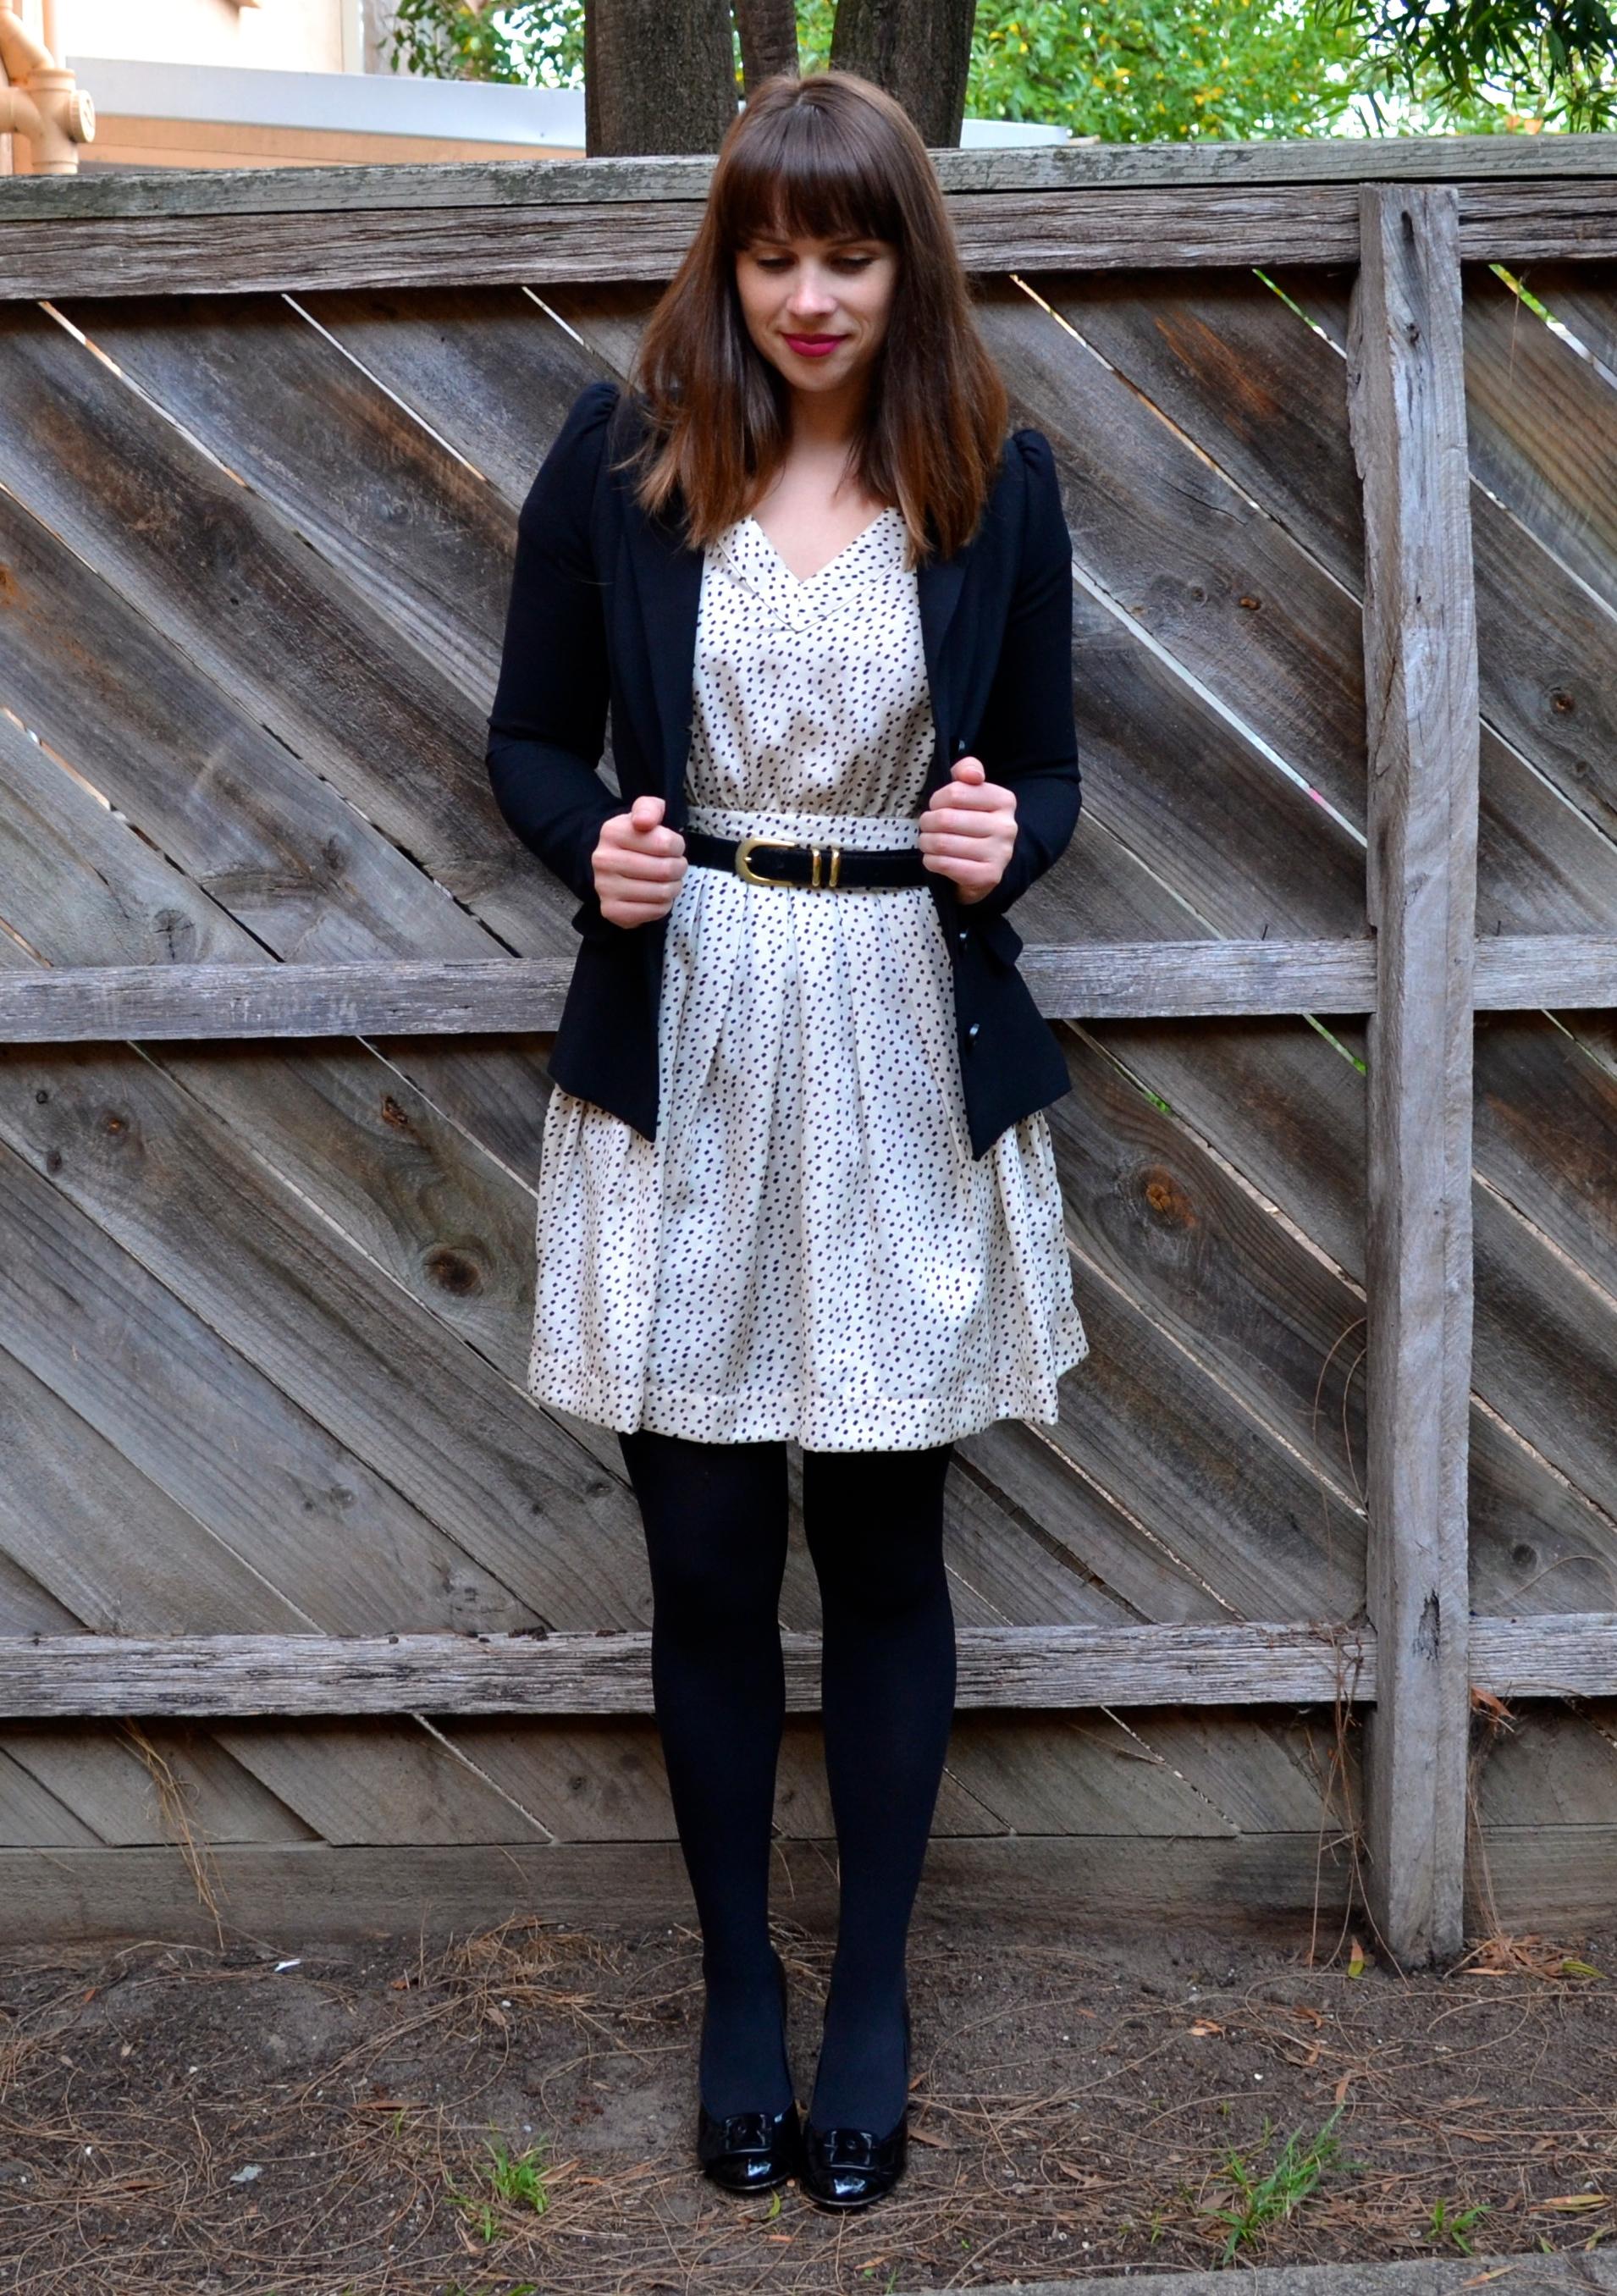 sportsgirl-polka-dot-dress-black-betsy-johnson-blazer